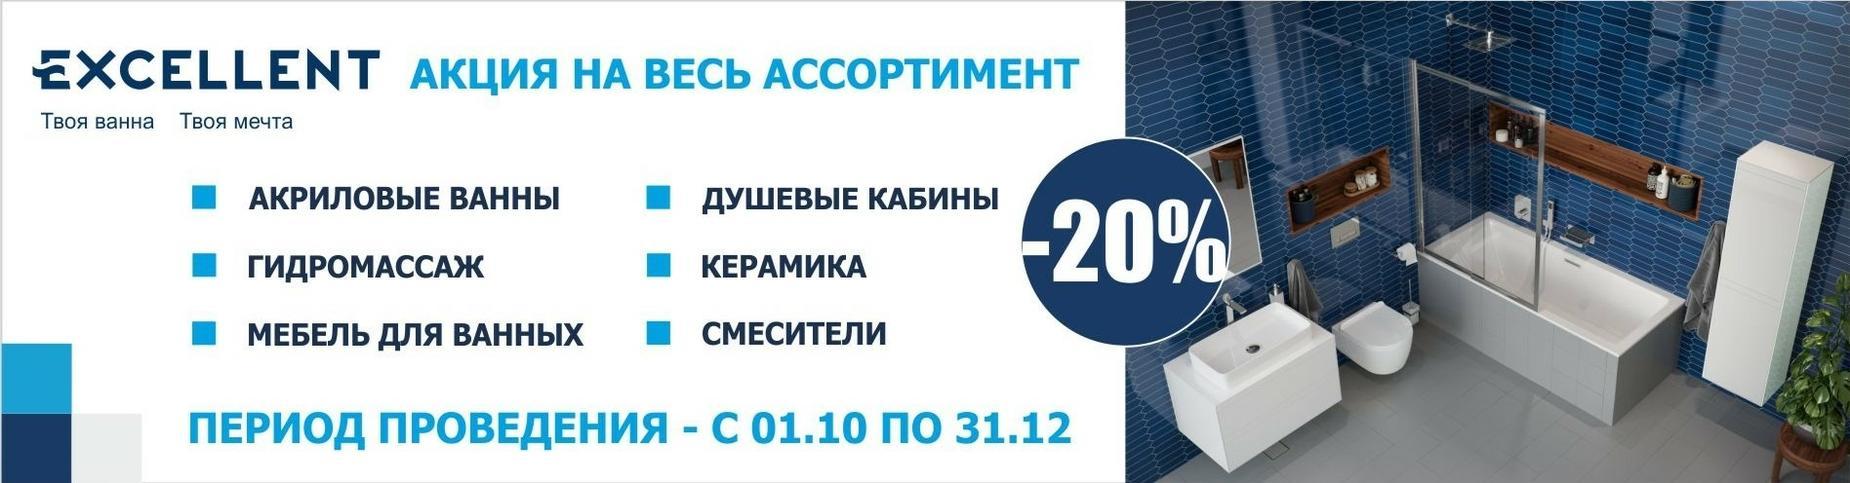 Excellent Акция на весь ассортимент -20% с 01.10.21 по 31.12.21